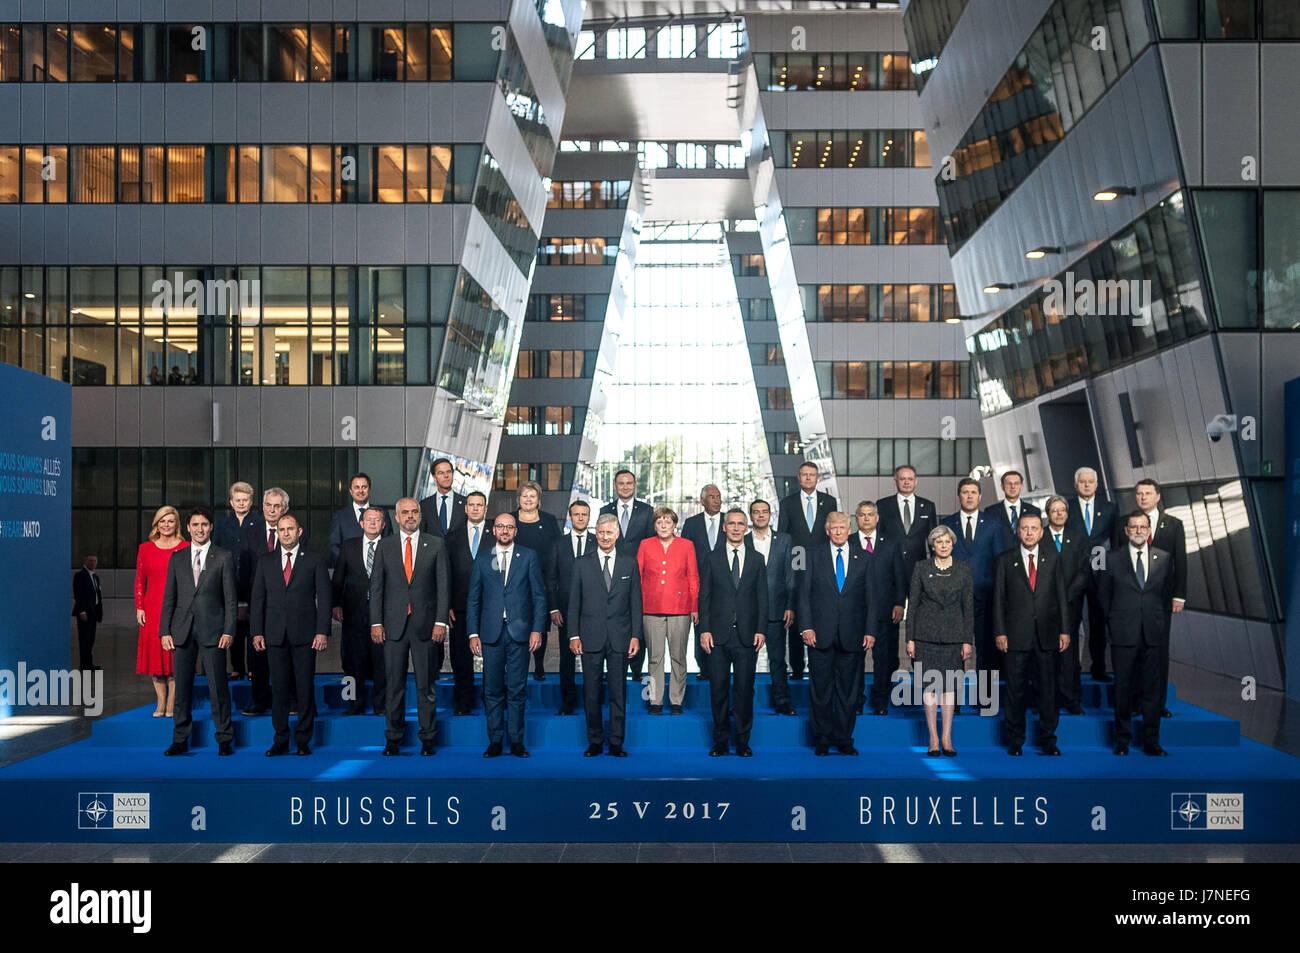 Bruselas, Bélgica. 25 de mayo de 2017. Foto oficial en el nuevo edificio de la OTAN Crédito: Julien Mattia/Zuma Imagen De Stock